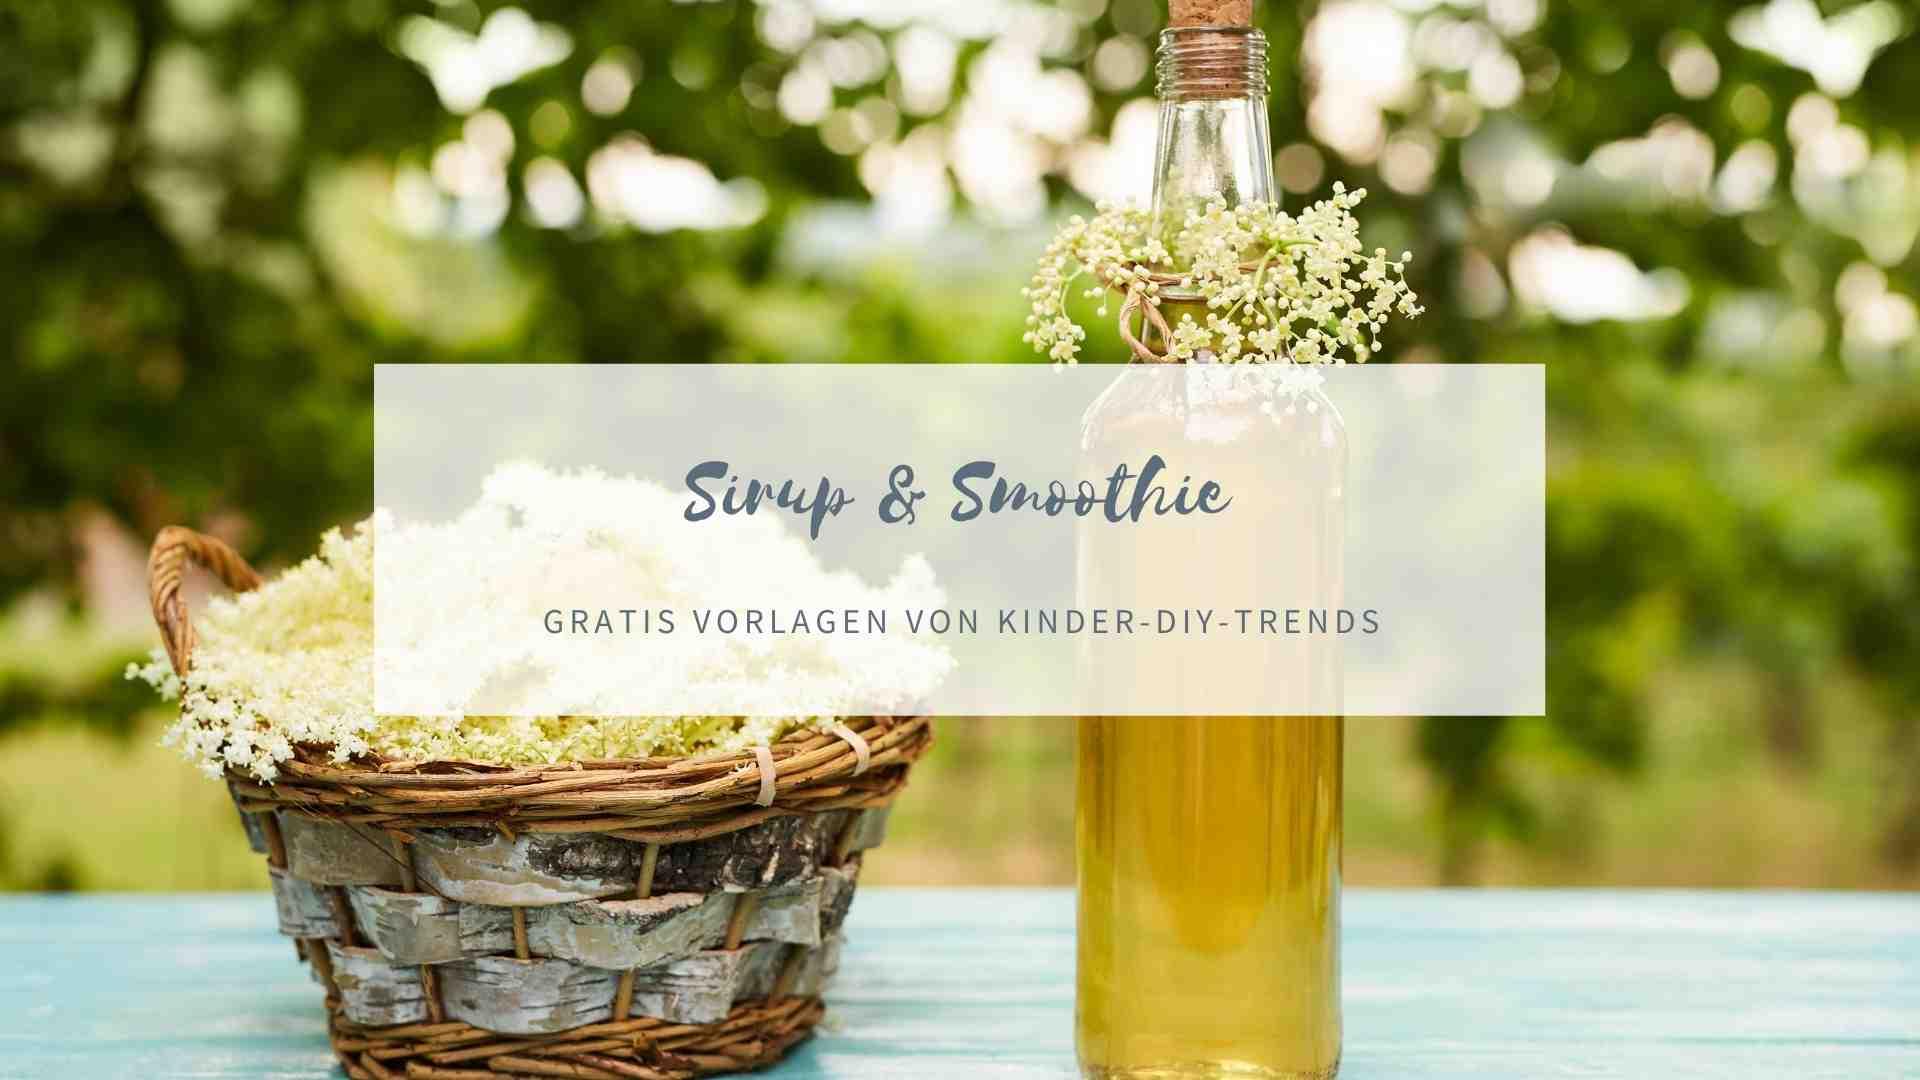 Sirup & Smoothie Etiketten zum Ausdrucken kostenlos